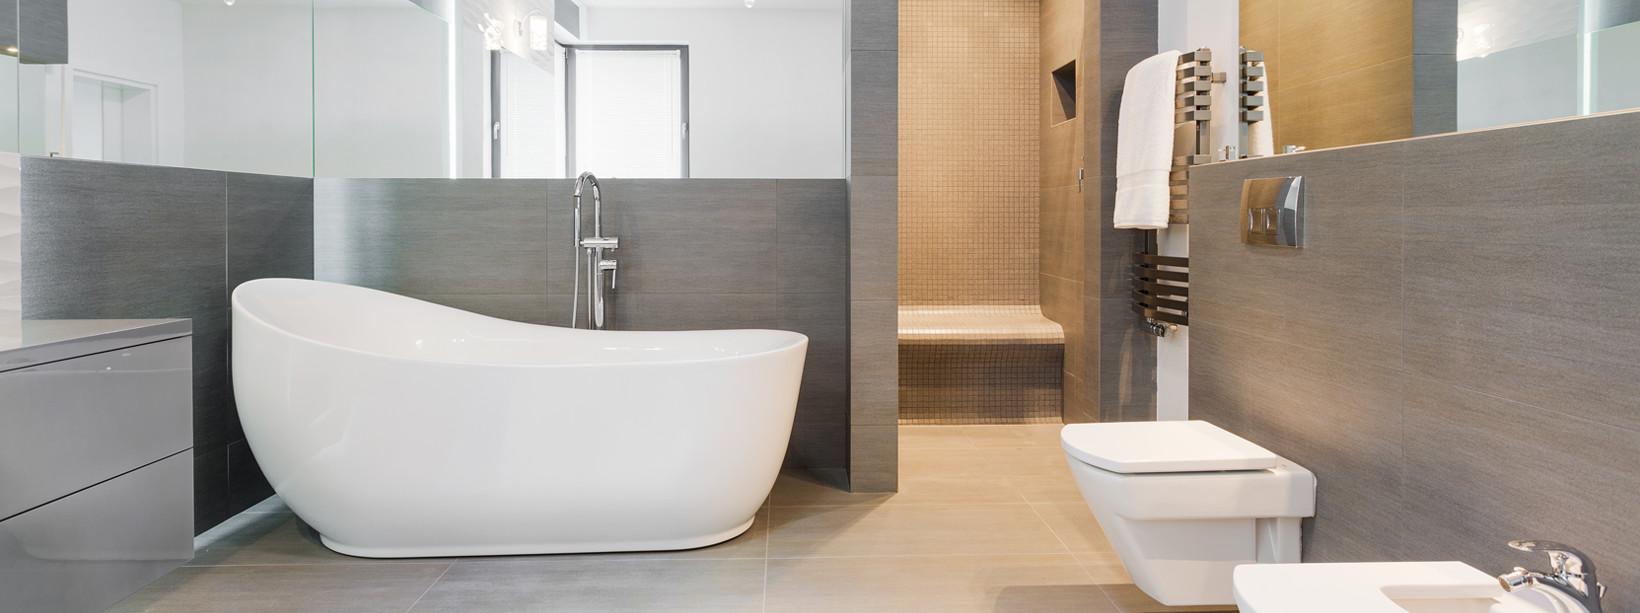 Salle de bain essonne 91 r novation am nagement for Devis renovation salle de bain